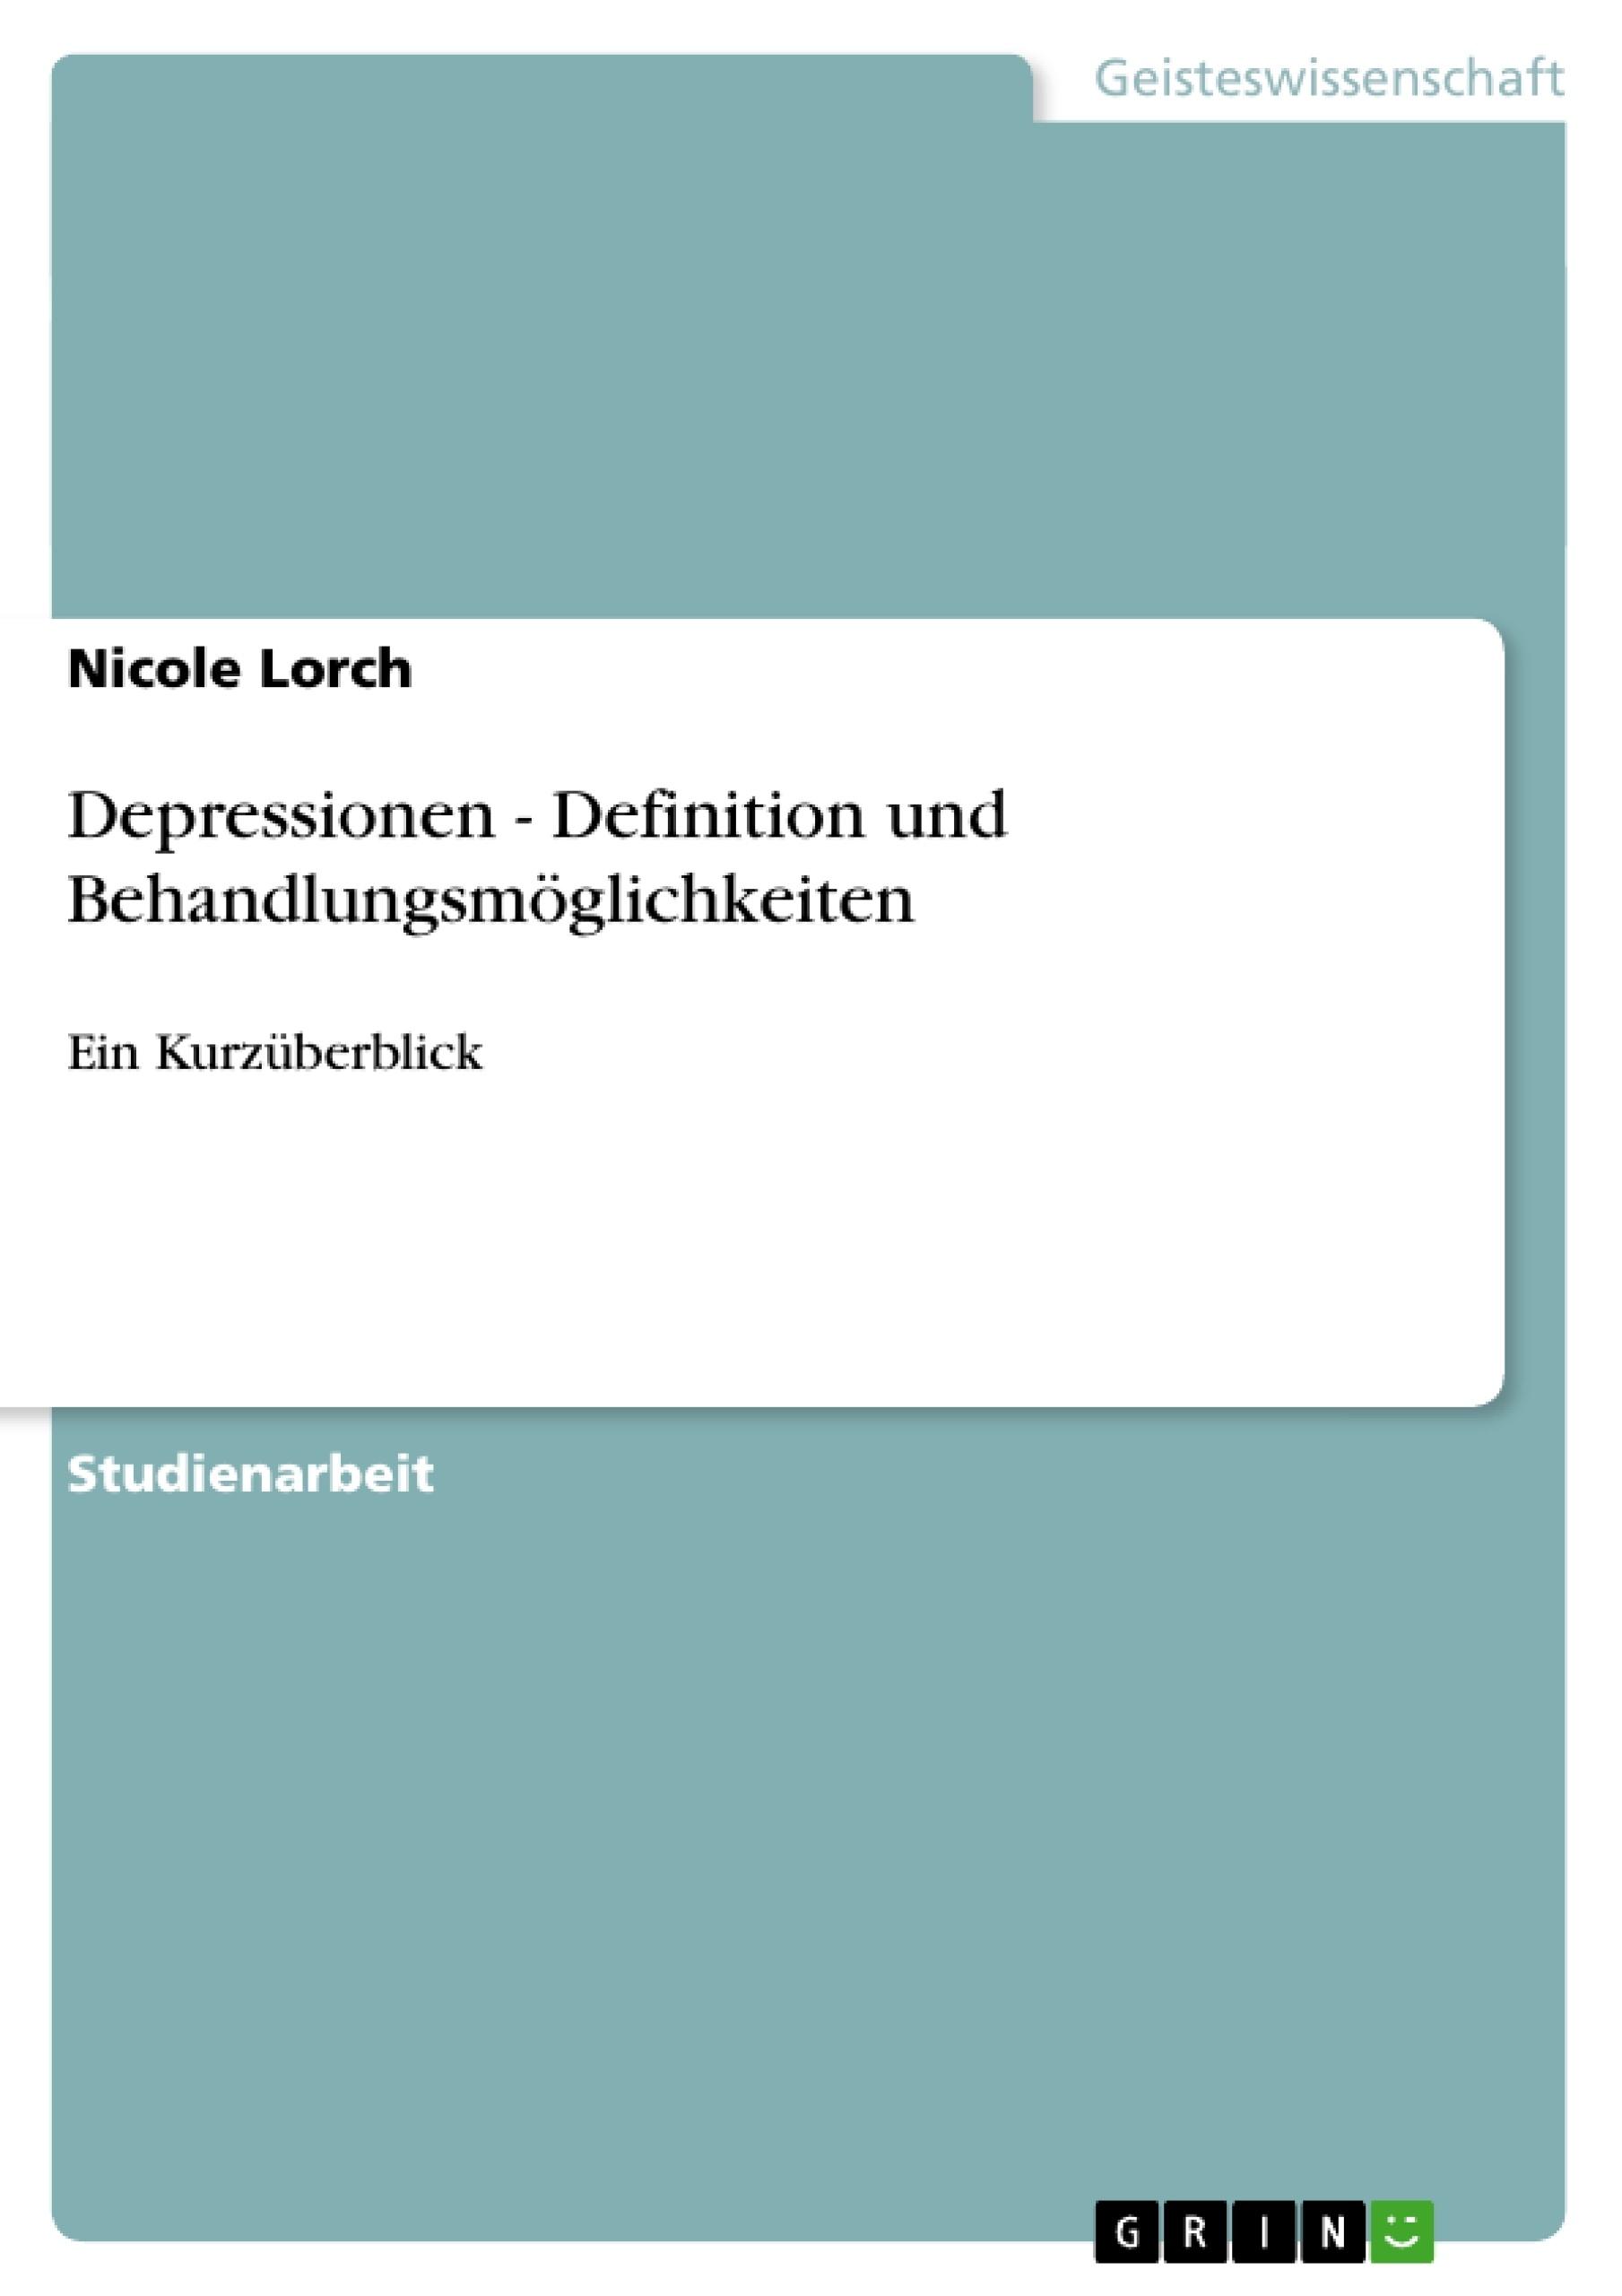 Titel: Depressionen - Definition und Behandlungsmöglichkeiten